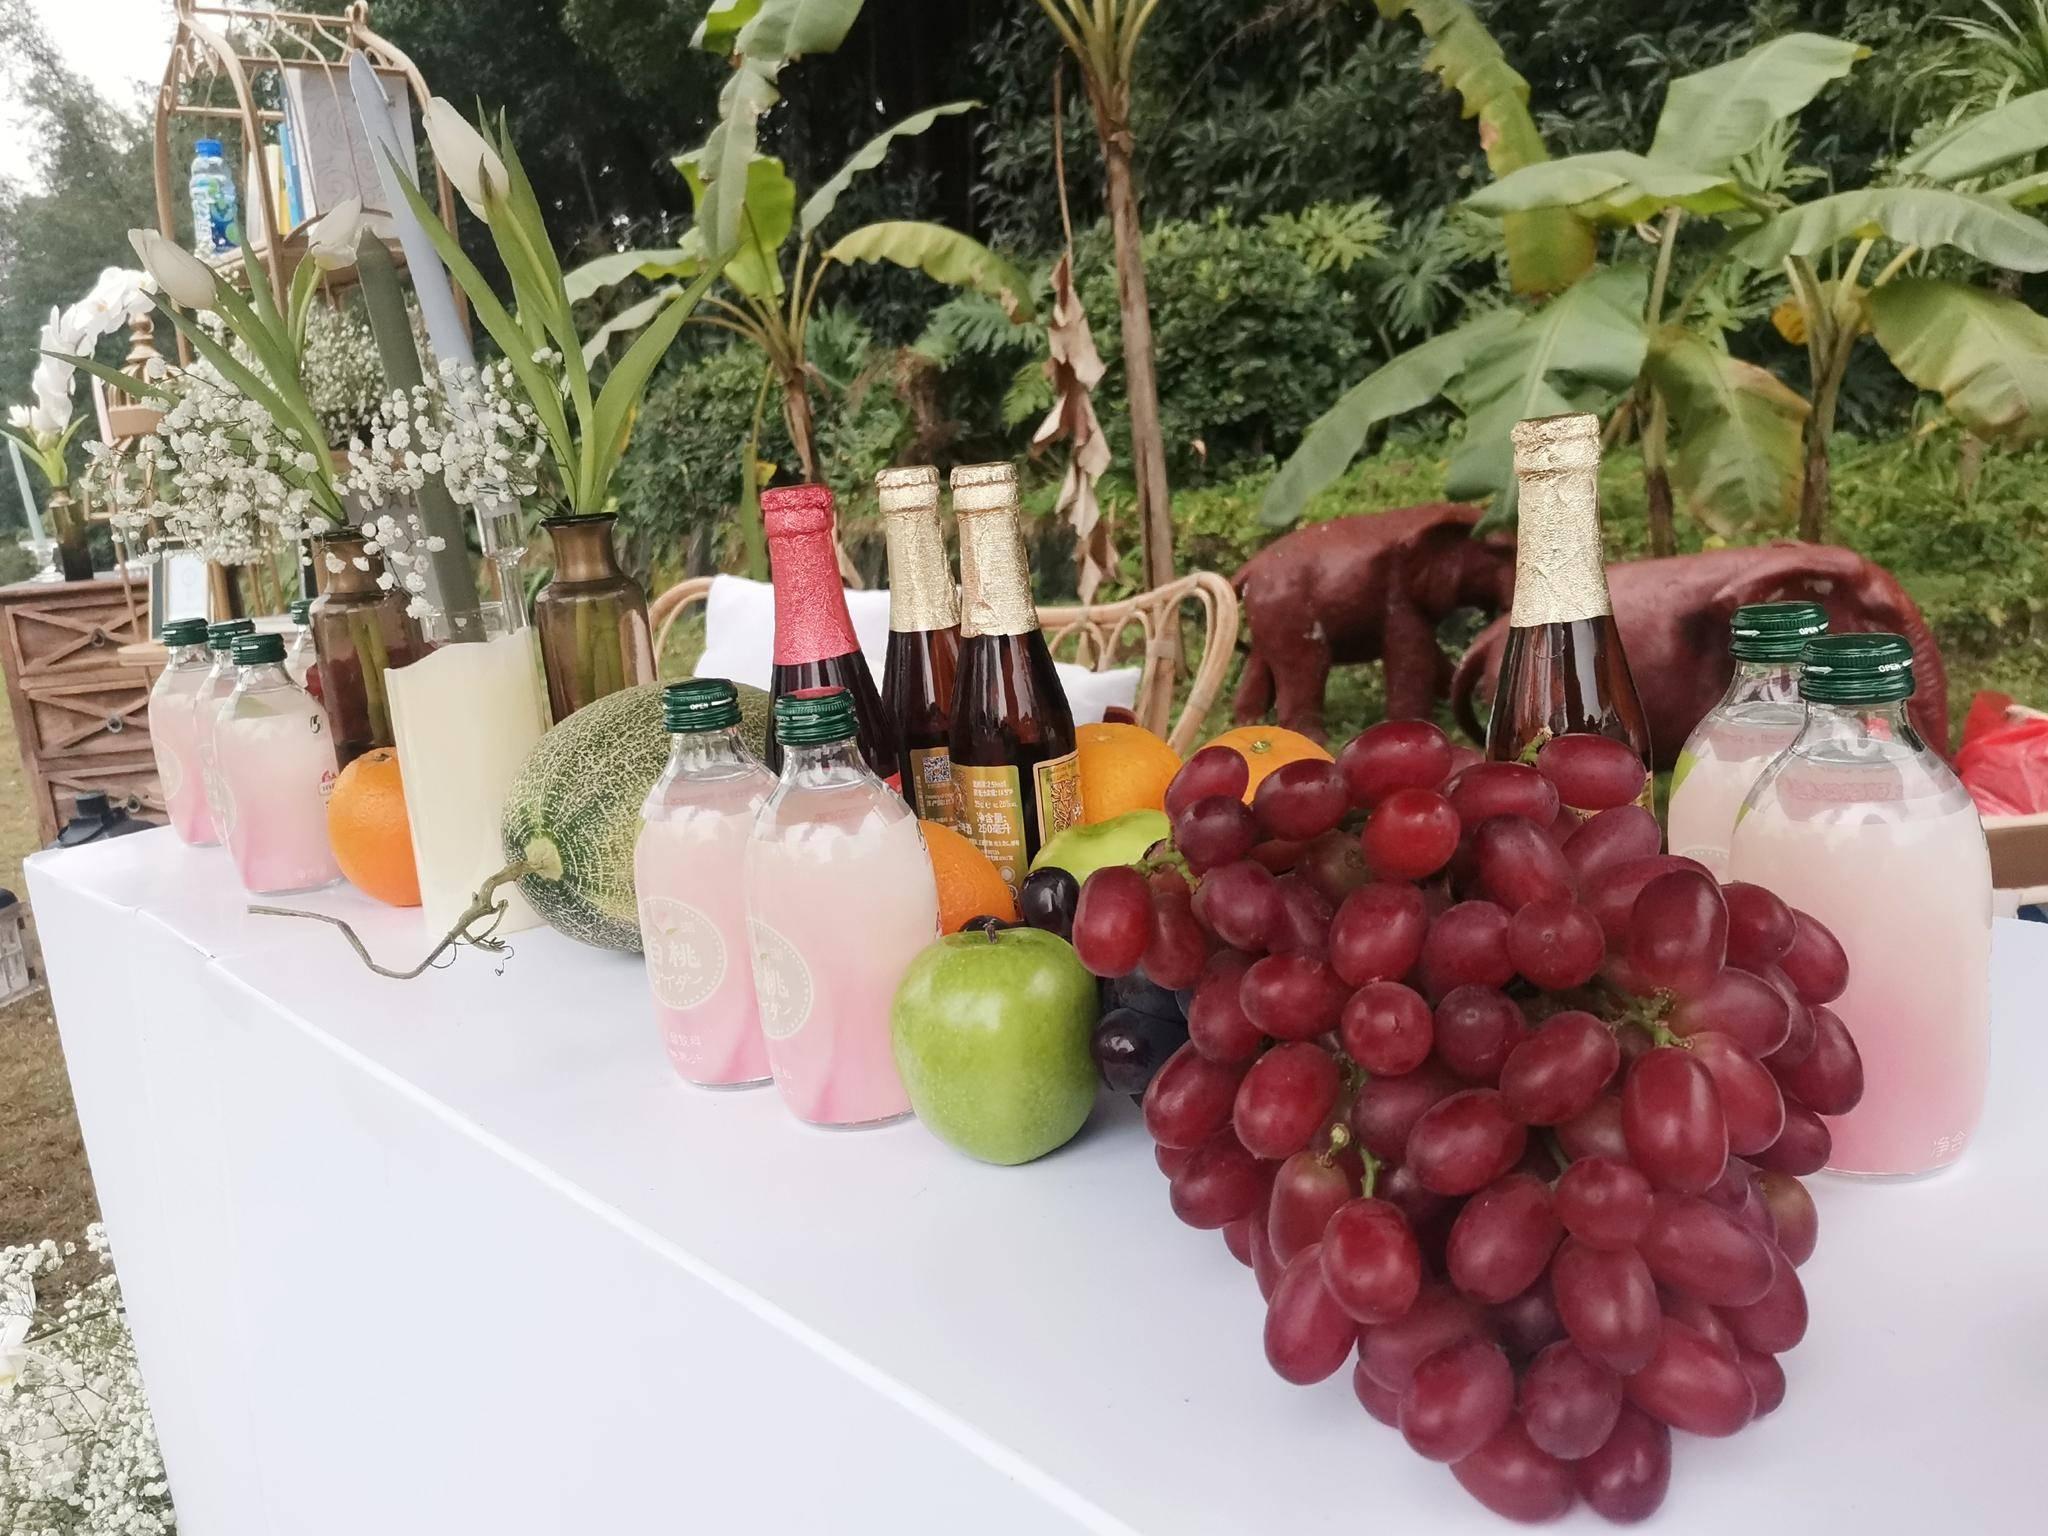 这绝对是是我在重庆见过的最帅最酷的草坪婚礼了!